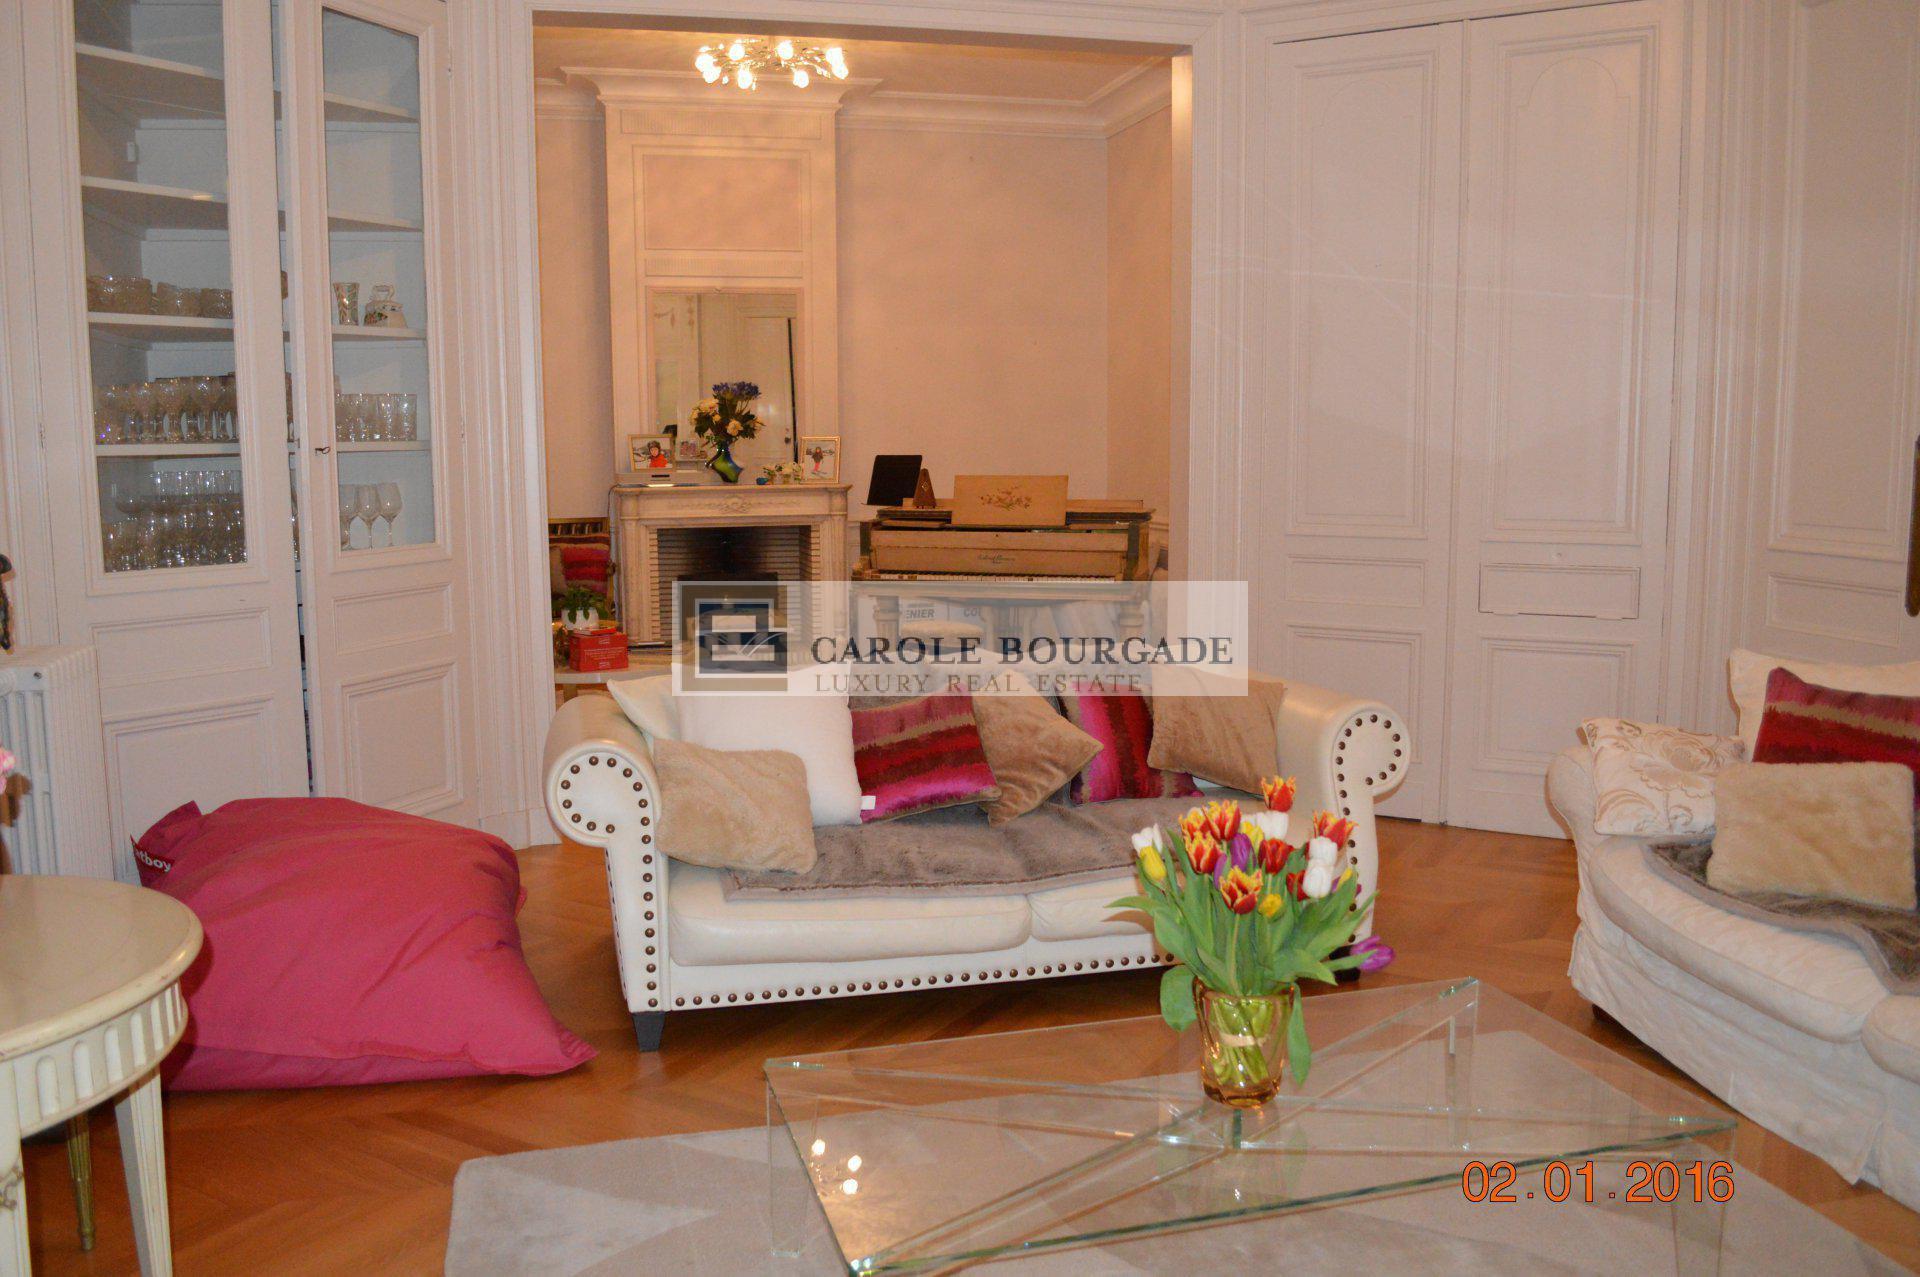 出售 私人旅馆 - 波尔多 (Bordeaux)